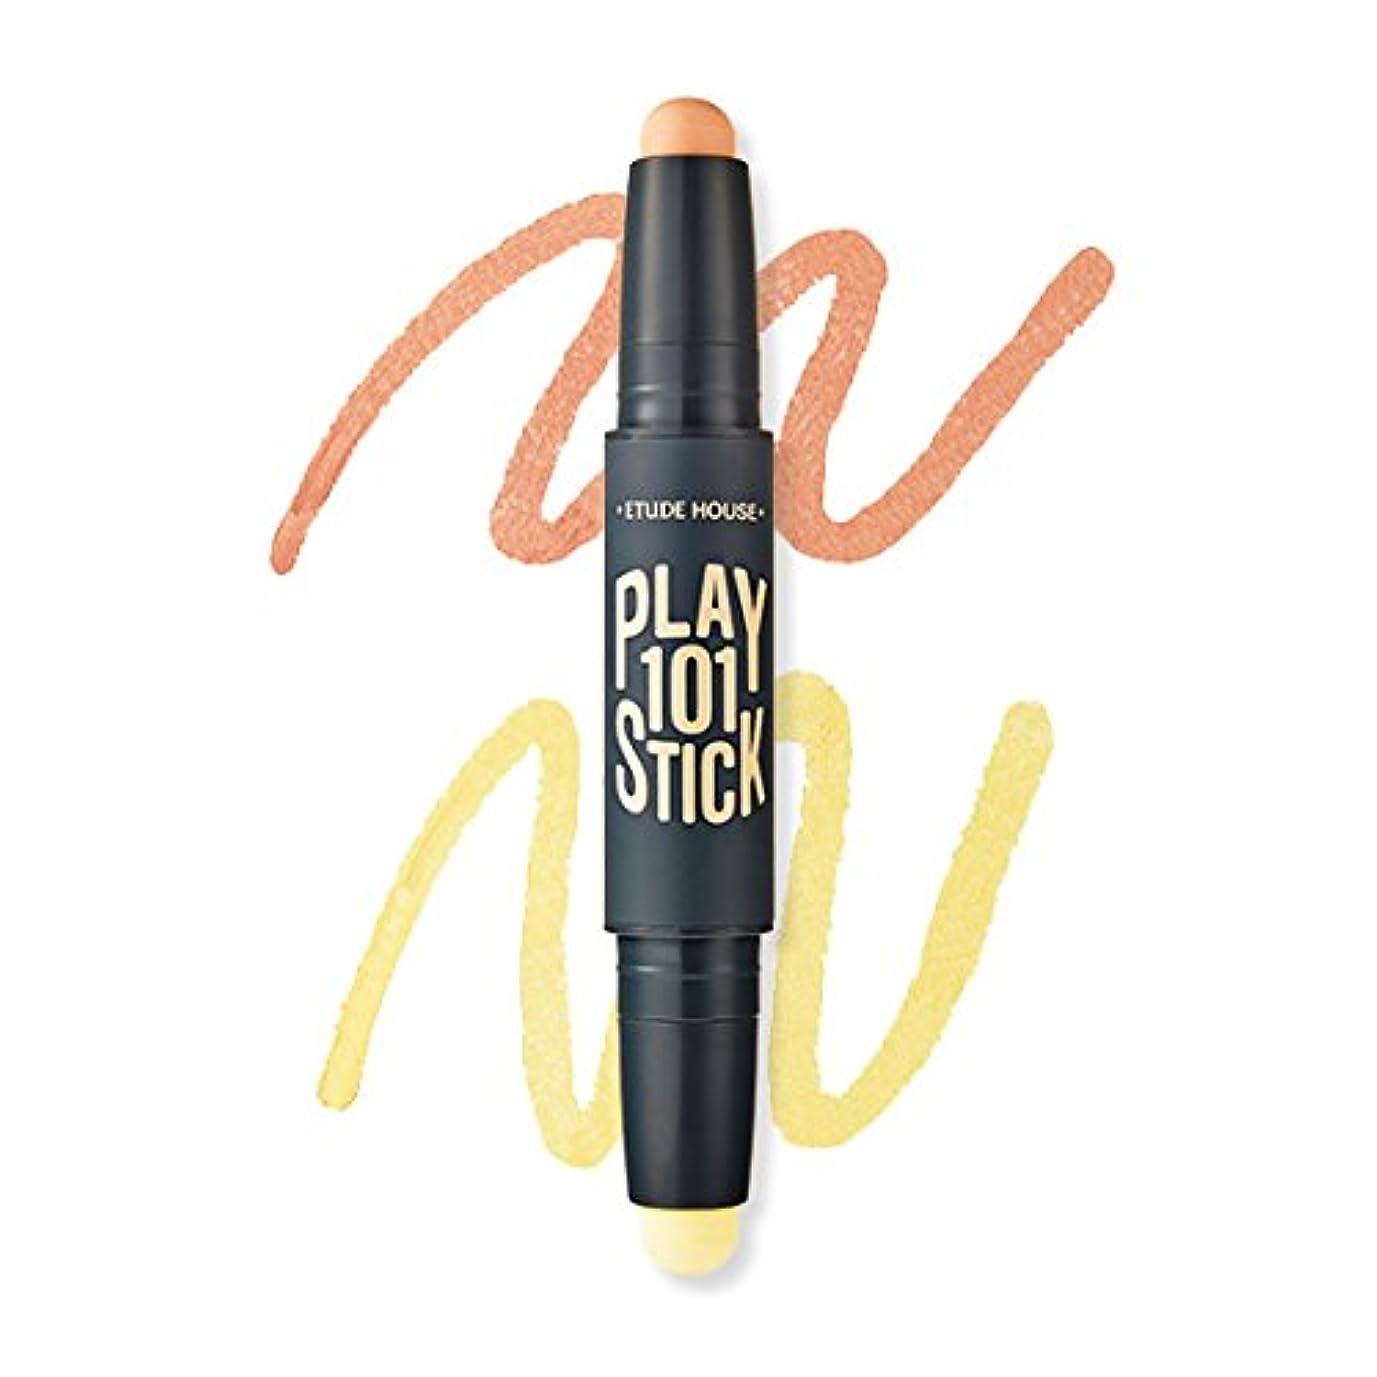 ヘリコプターチャンバー害[New] ETUDE HOUSE Play 101 Stick Color Contour Duo/エチュードハウス プレイ 101 スティック カラー コンツアー デュオ (#01 Blue Out:Peach Orange+Yellow)